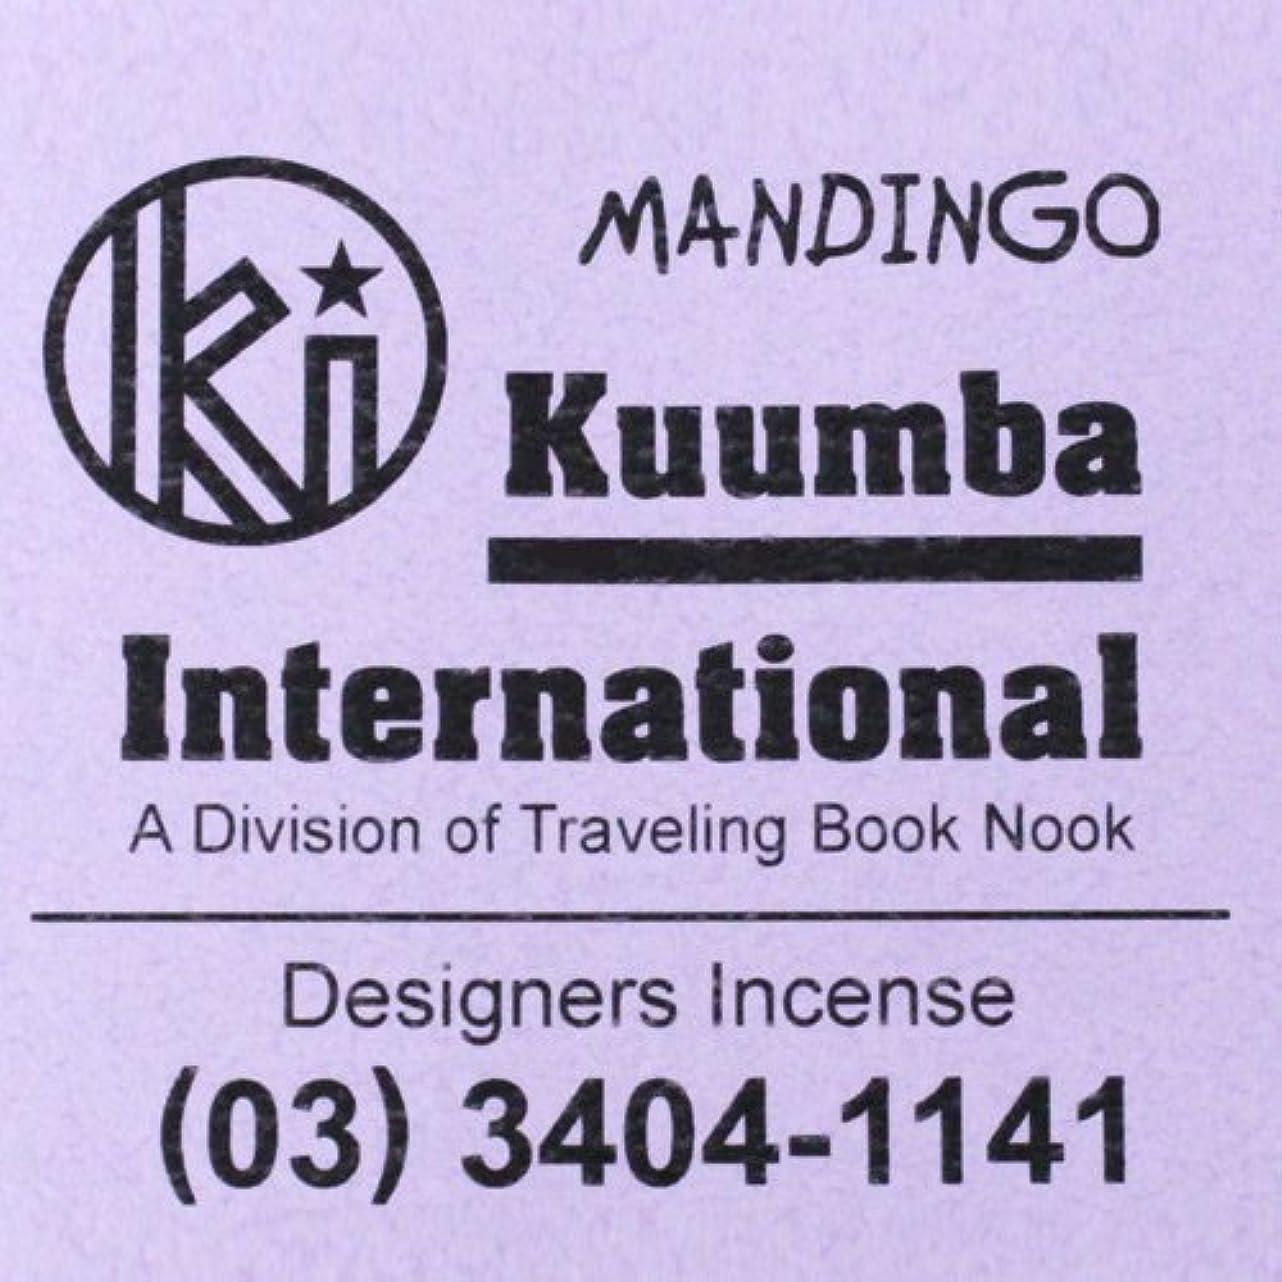 少年相対性理論メンバー(クンバ) KUUMBA『incense』(MANDINGO) (Regular size)